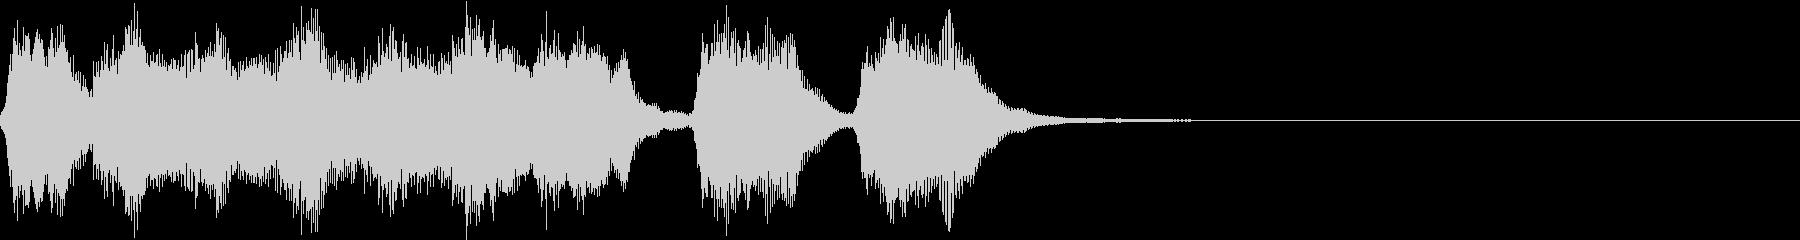 シンプル トランペット ファンファーレMの未再生の波形